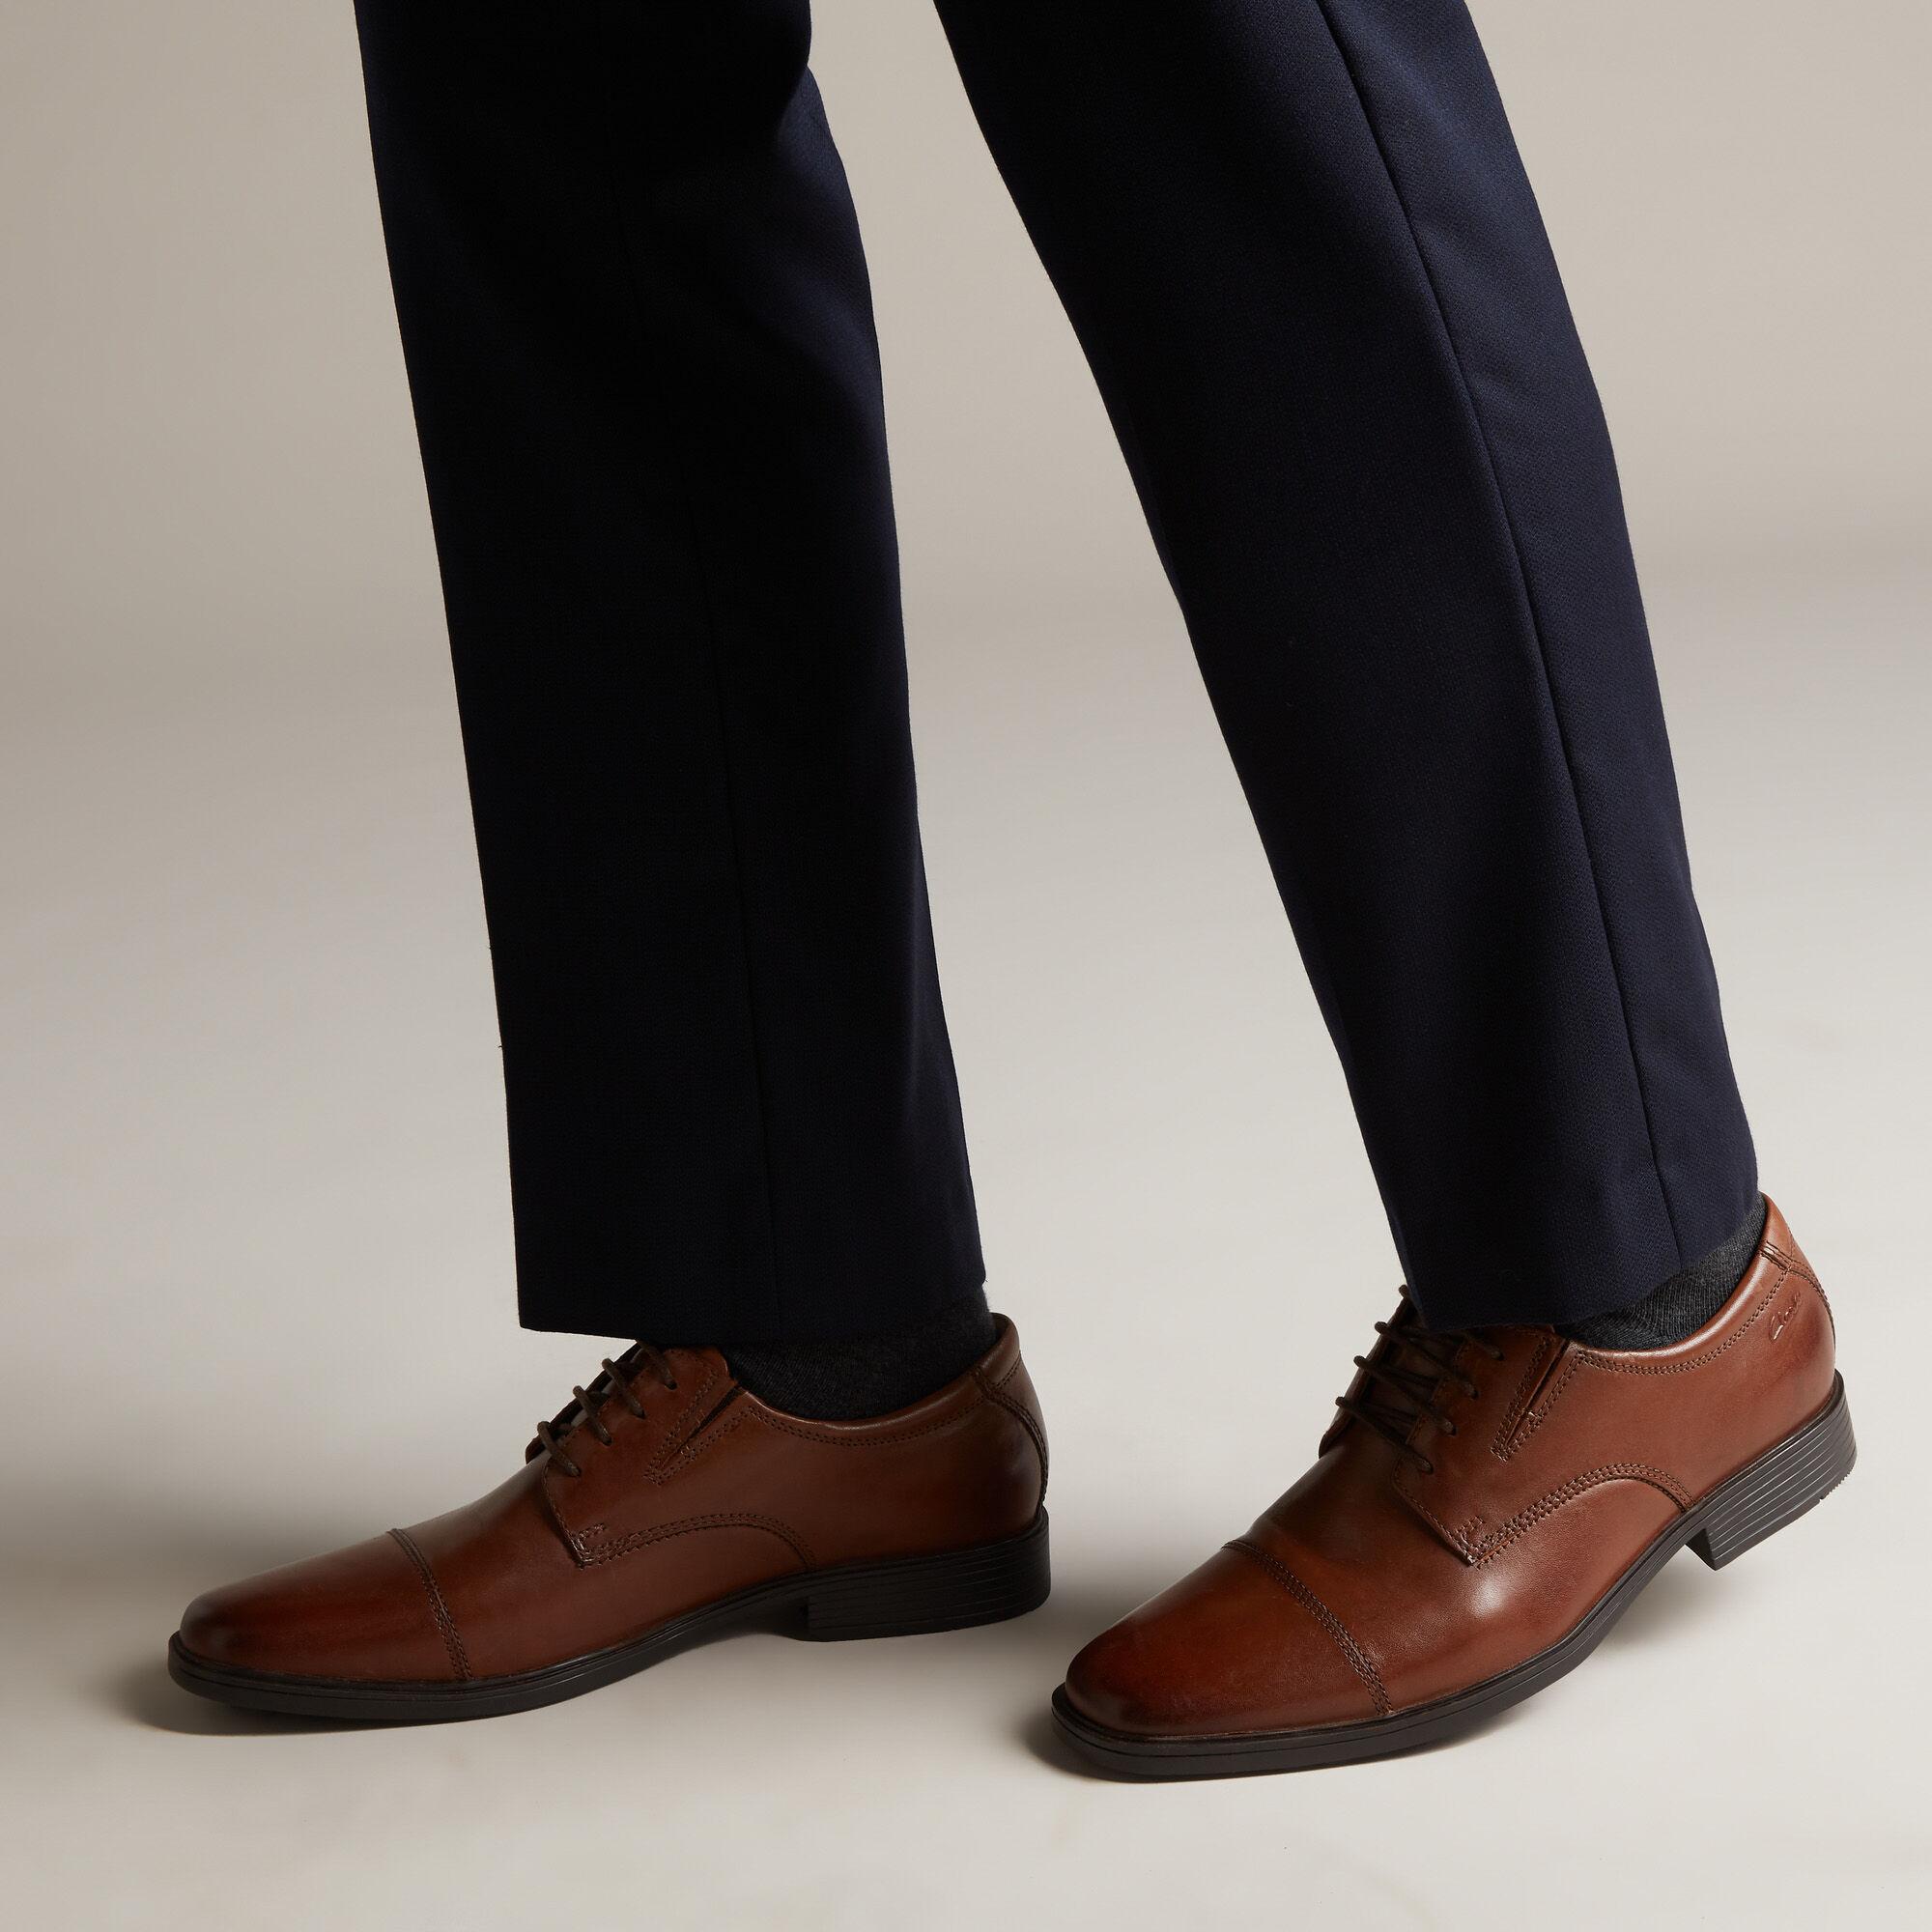 Clarks Men/'s   Tilden Plain Toe Oxford